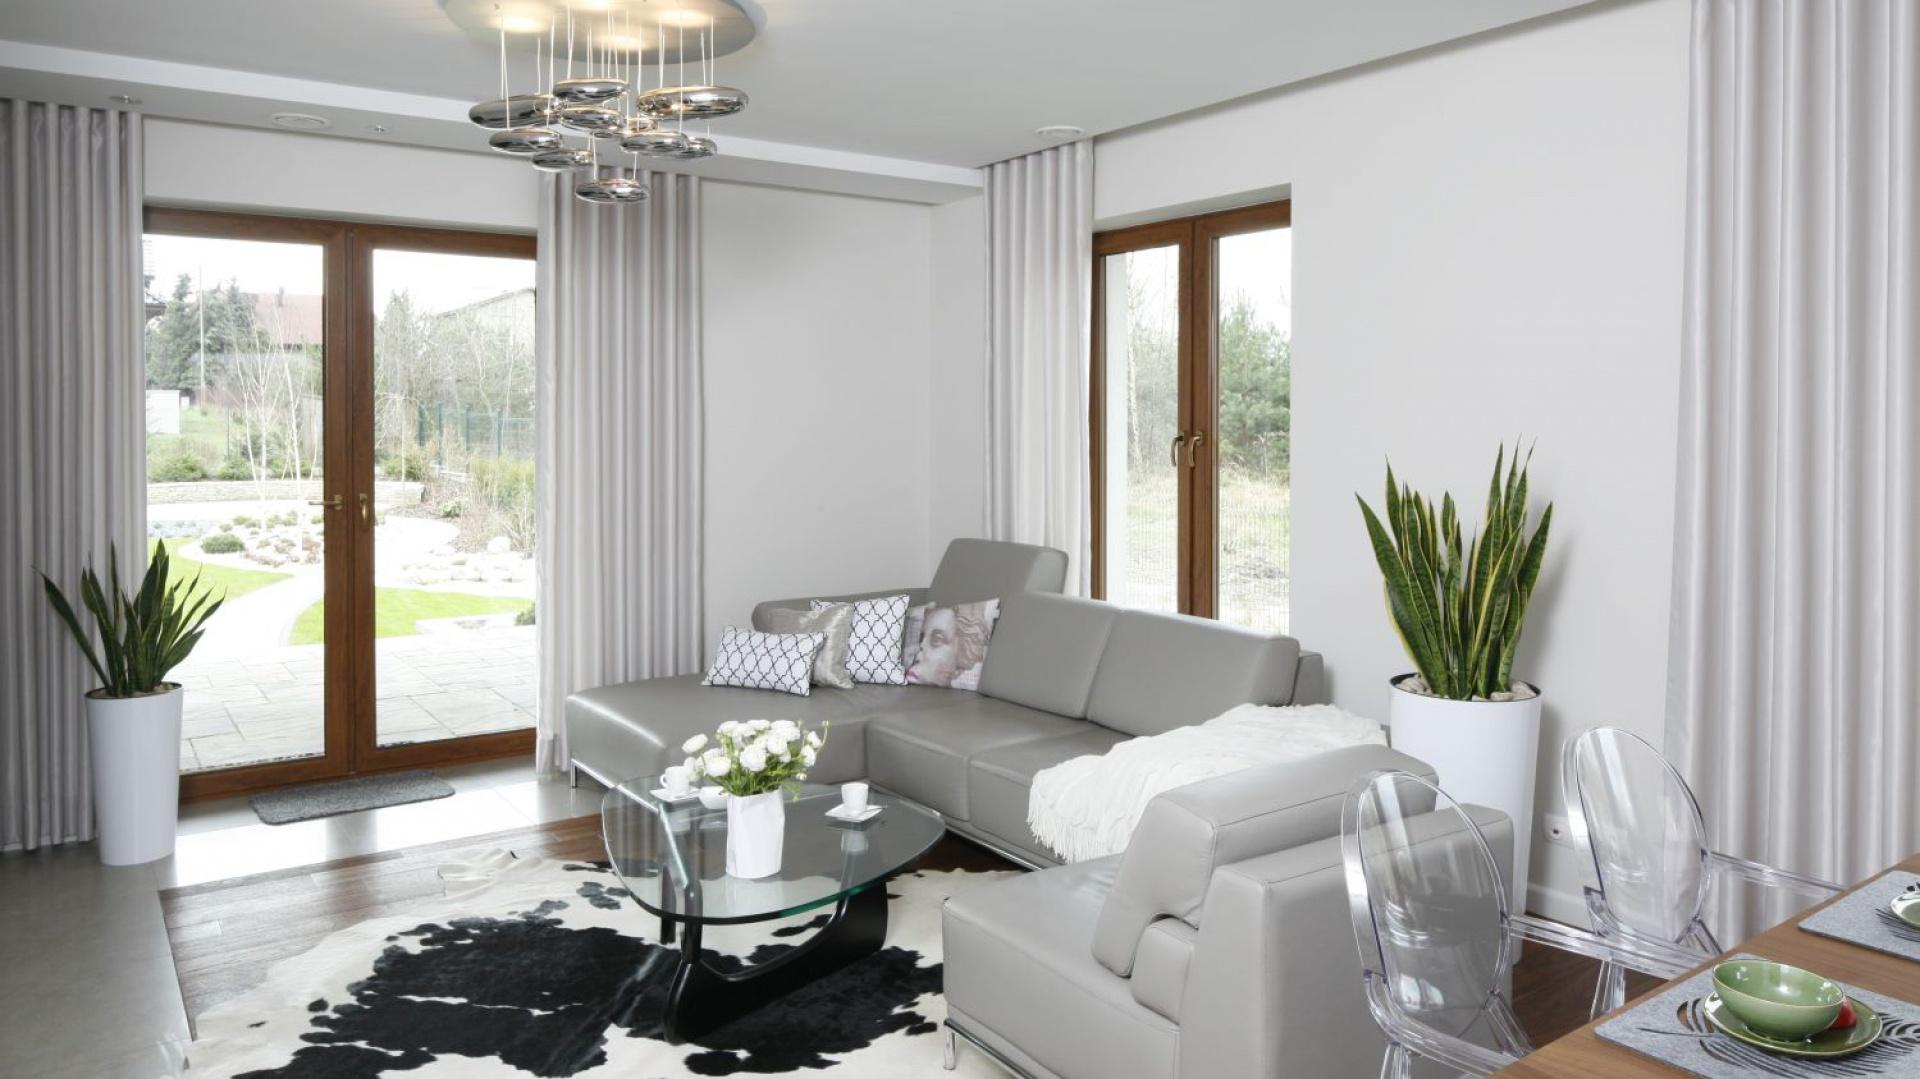 Domowa elegancja - tak można określić wystrój strefy wypoczynkowej. Kompozycję bieli i szarości uzupełniają stylowe dodatki i dekoracje. Całość tworzy nowoczesne, ale przytulne wnętrze. Projekt: Piotr Stanisz. Fot. Bartosz Jarosz.